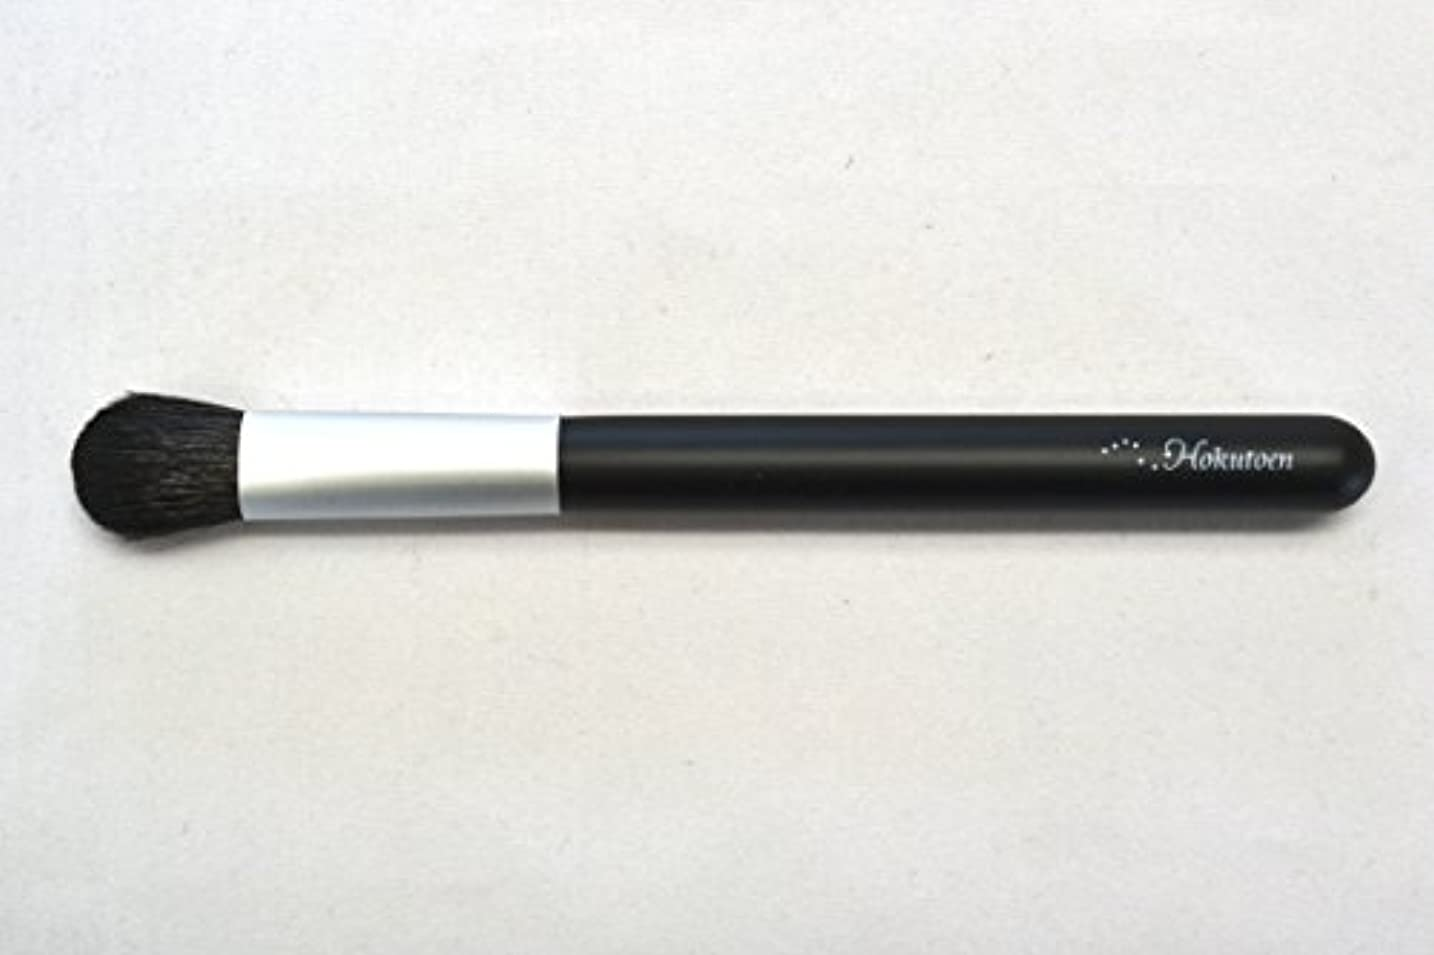 反対にパリティ何でも熊野筆 北斗園 Kシリーズ アイシャドウブラシ丸型(黒銀)